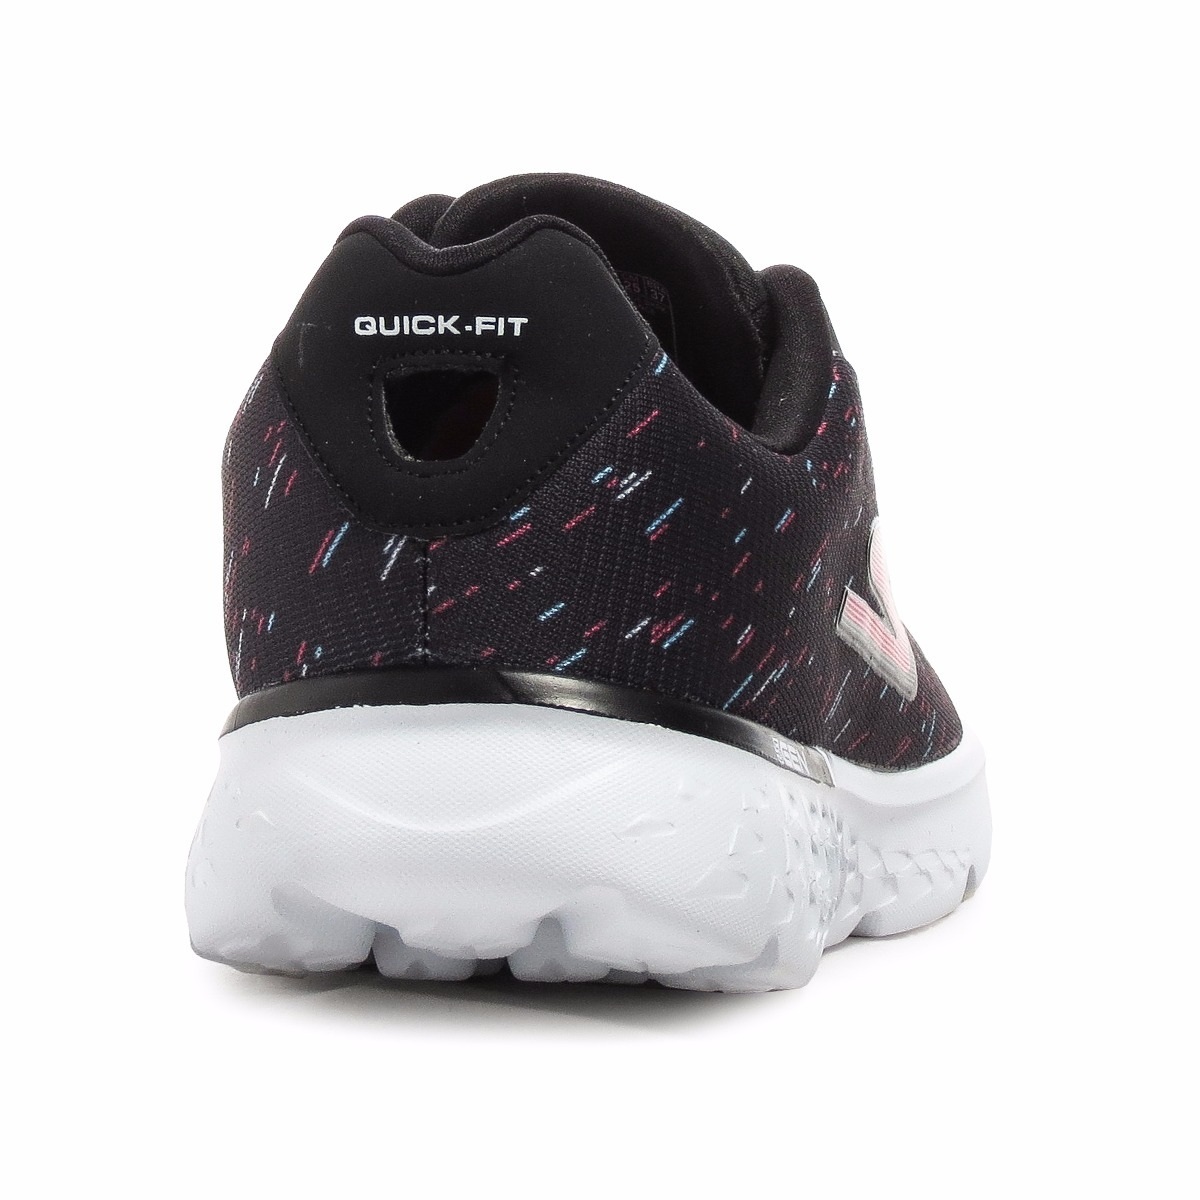 3bc30a8e289b2 Zapatillas Skechers Go Run 400 Instant Running Mujer Importe ...